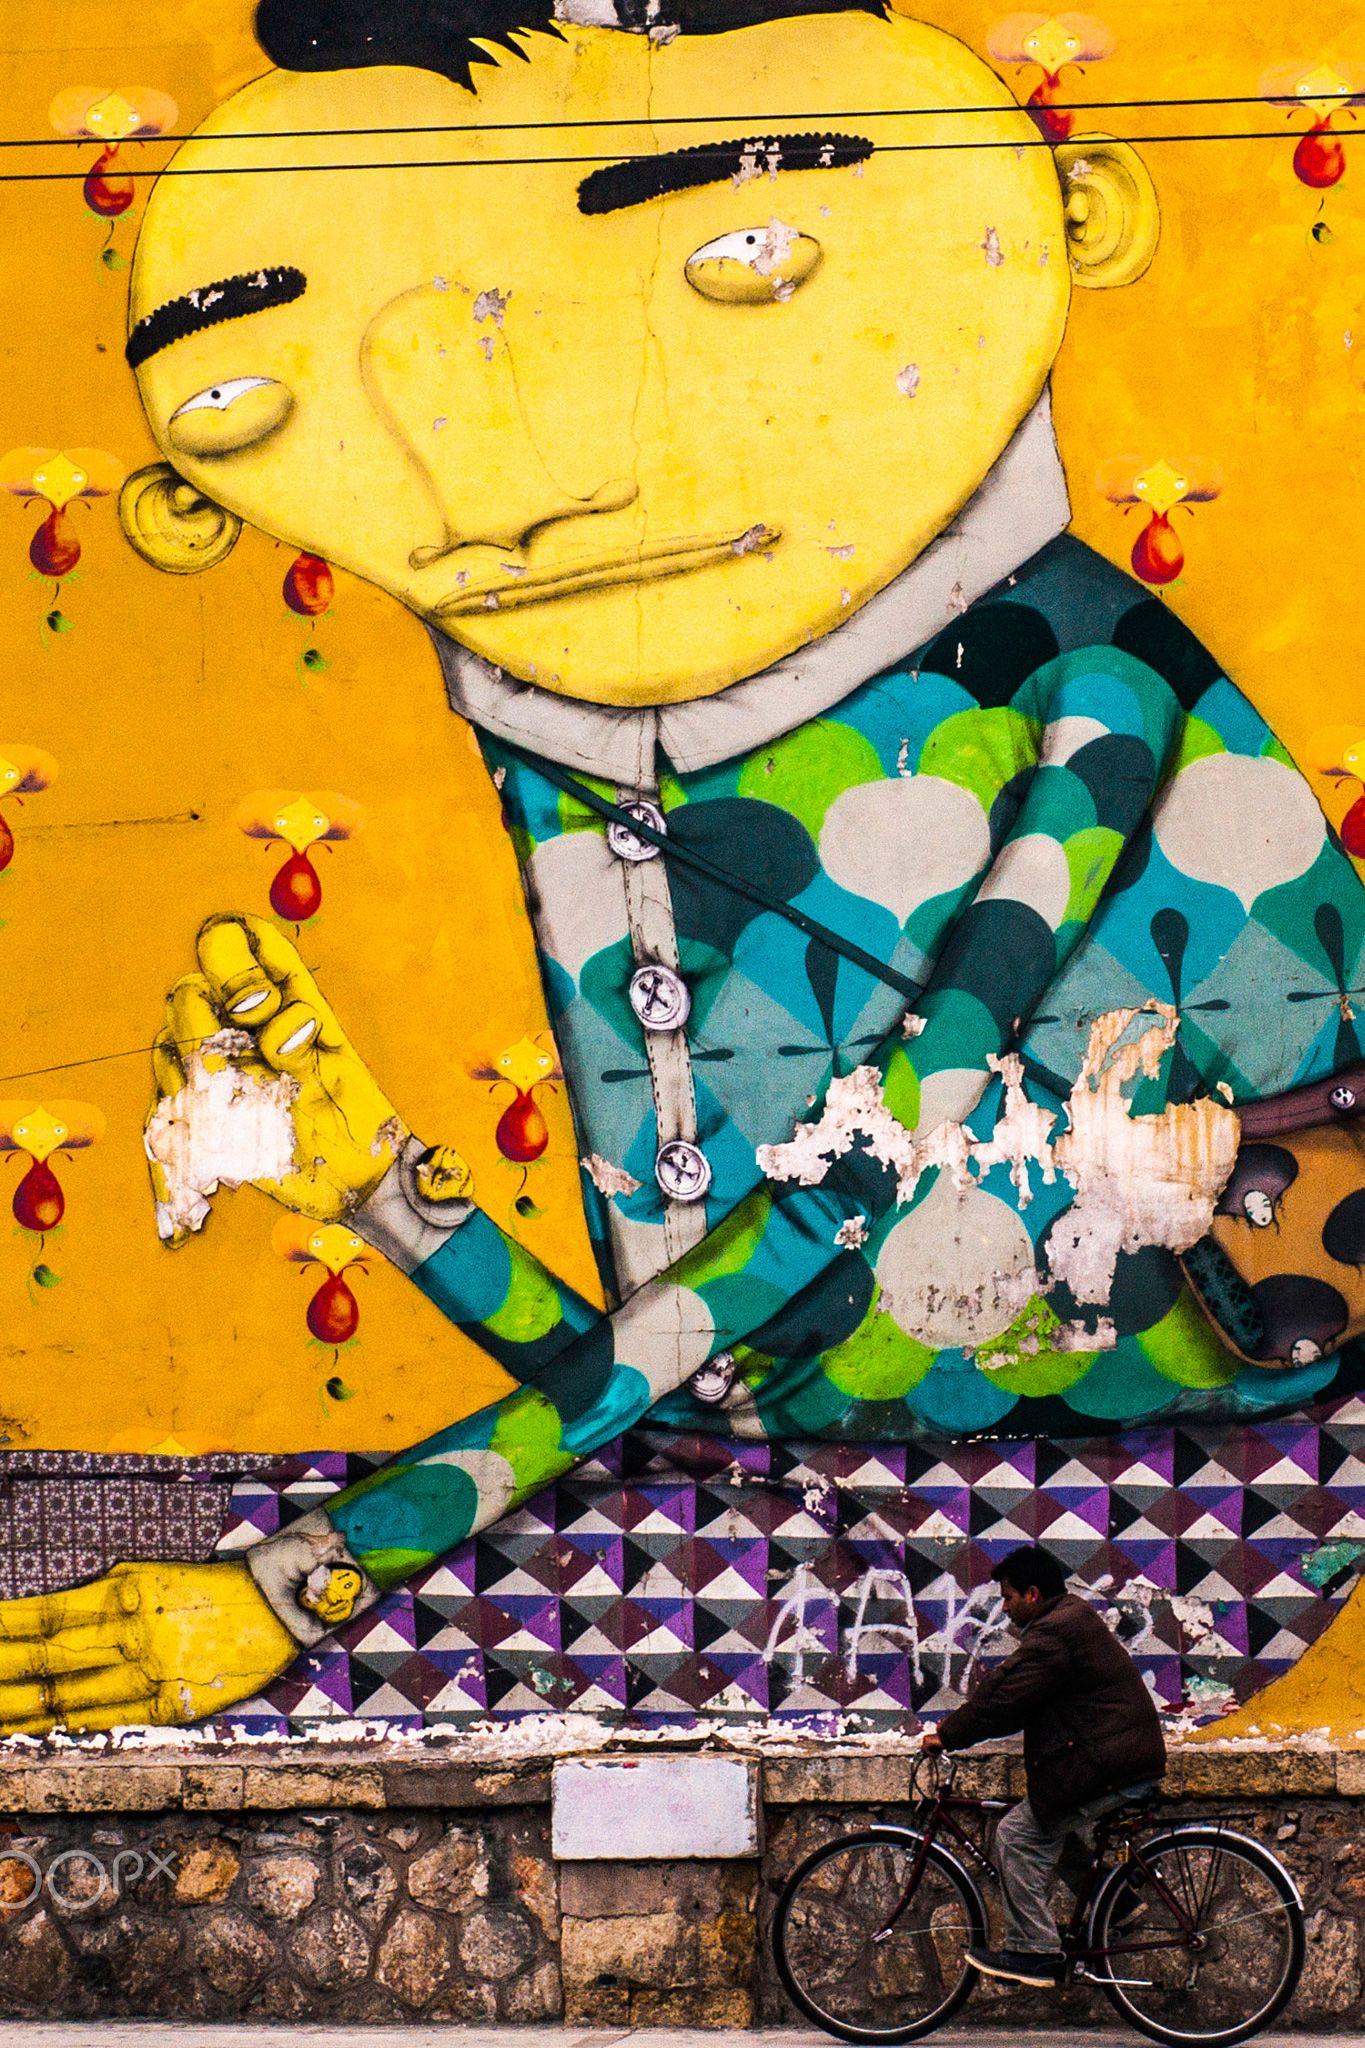 Street Art | Os Gemeos in Athens | street art | Pinterest | Street art